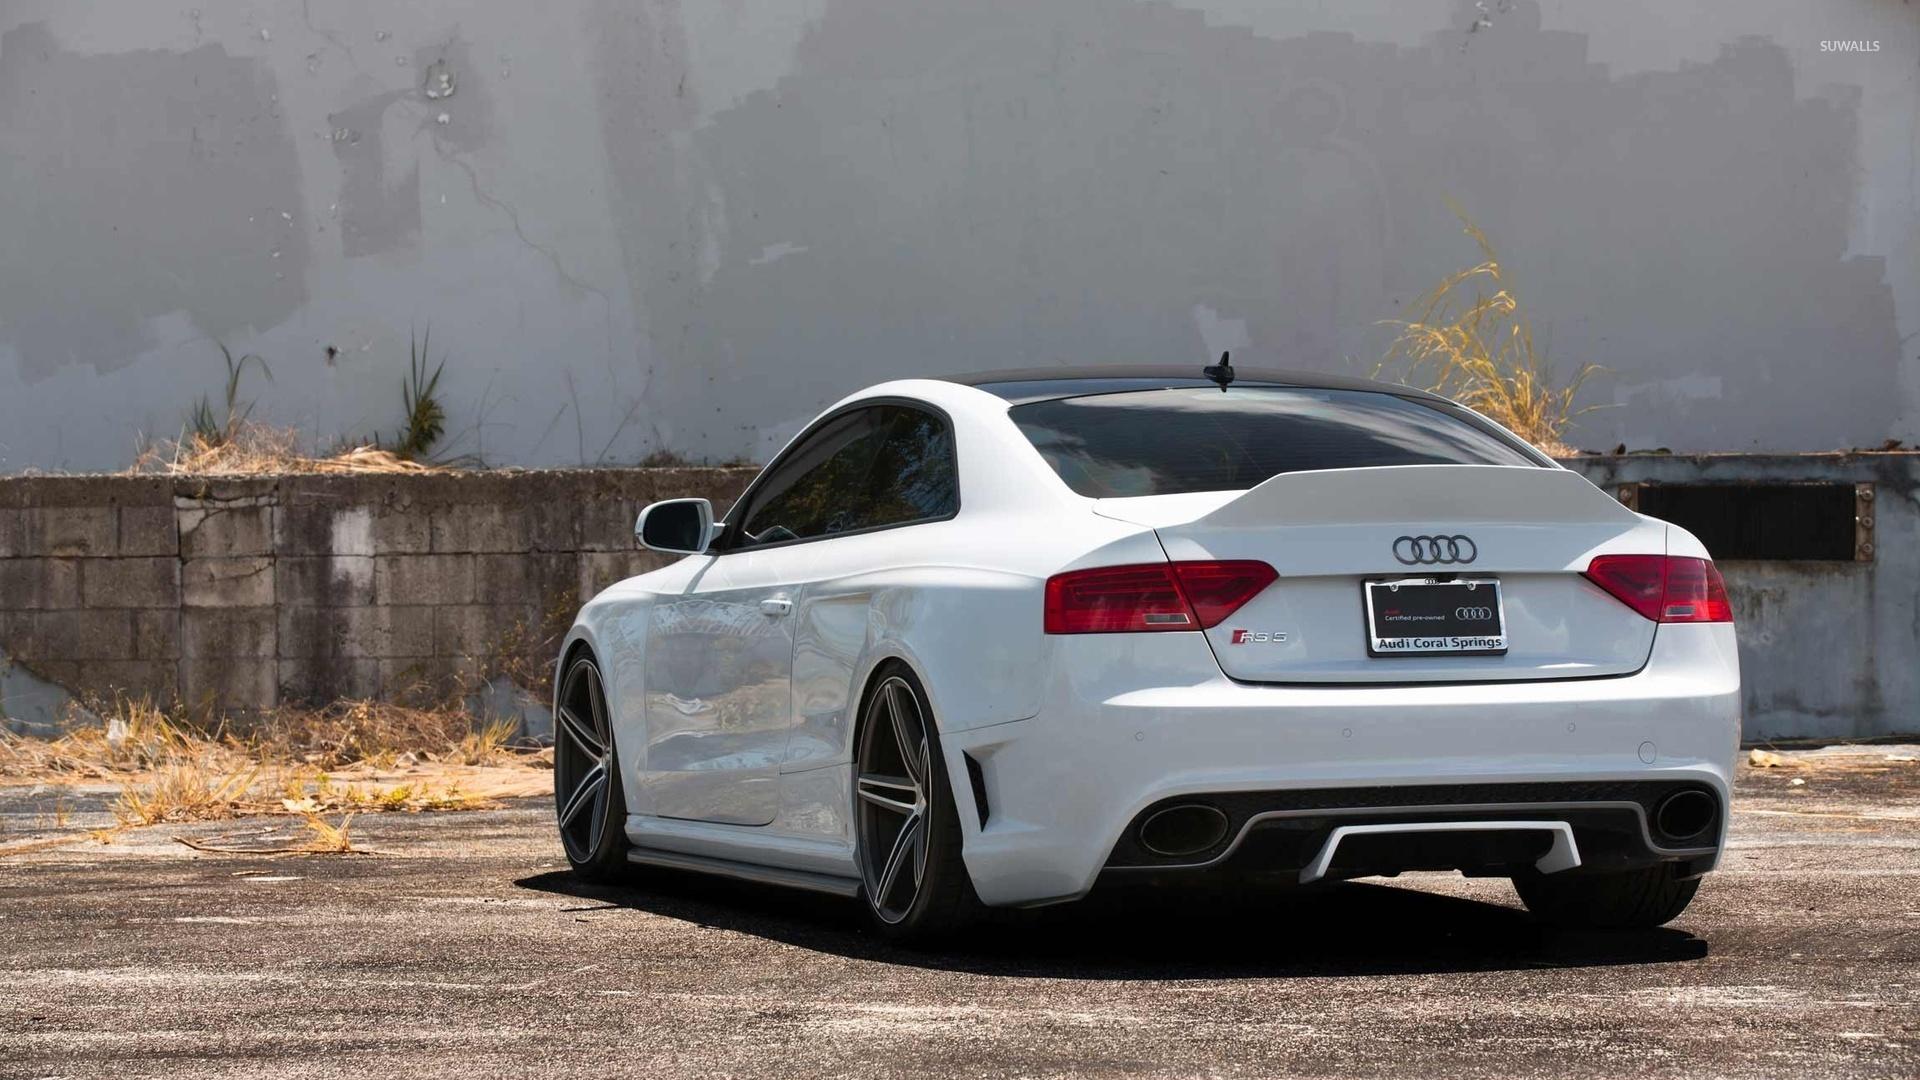 Audi Rs 5 2 Wallpaper Car Wallpapers 45227